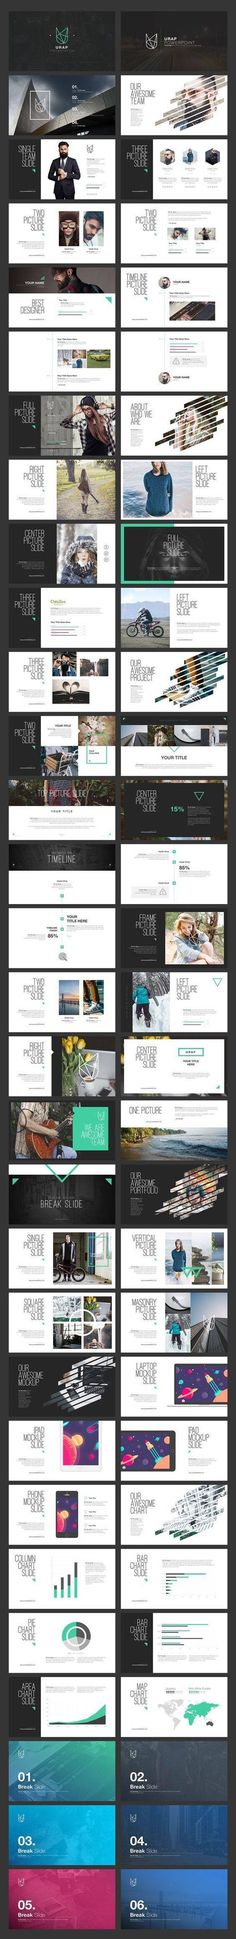 이번 주에 가장 인기 있었던 8개의 디자인 관련 핀